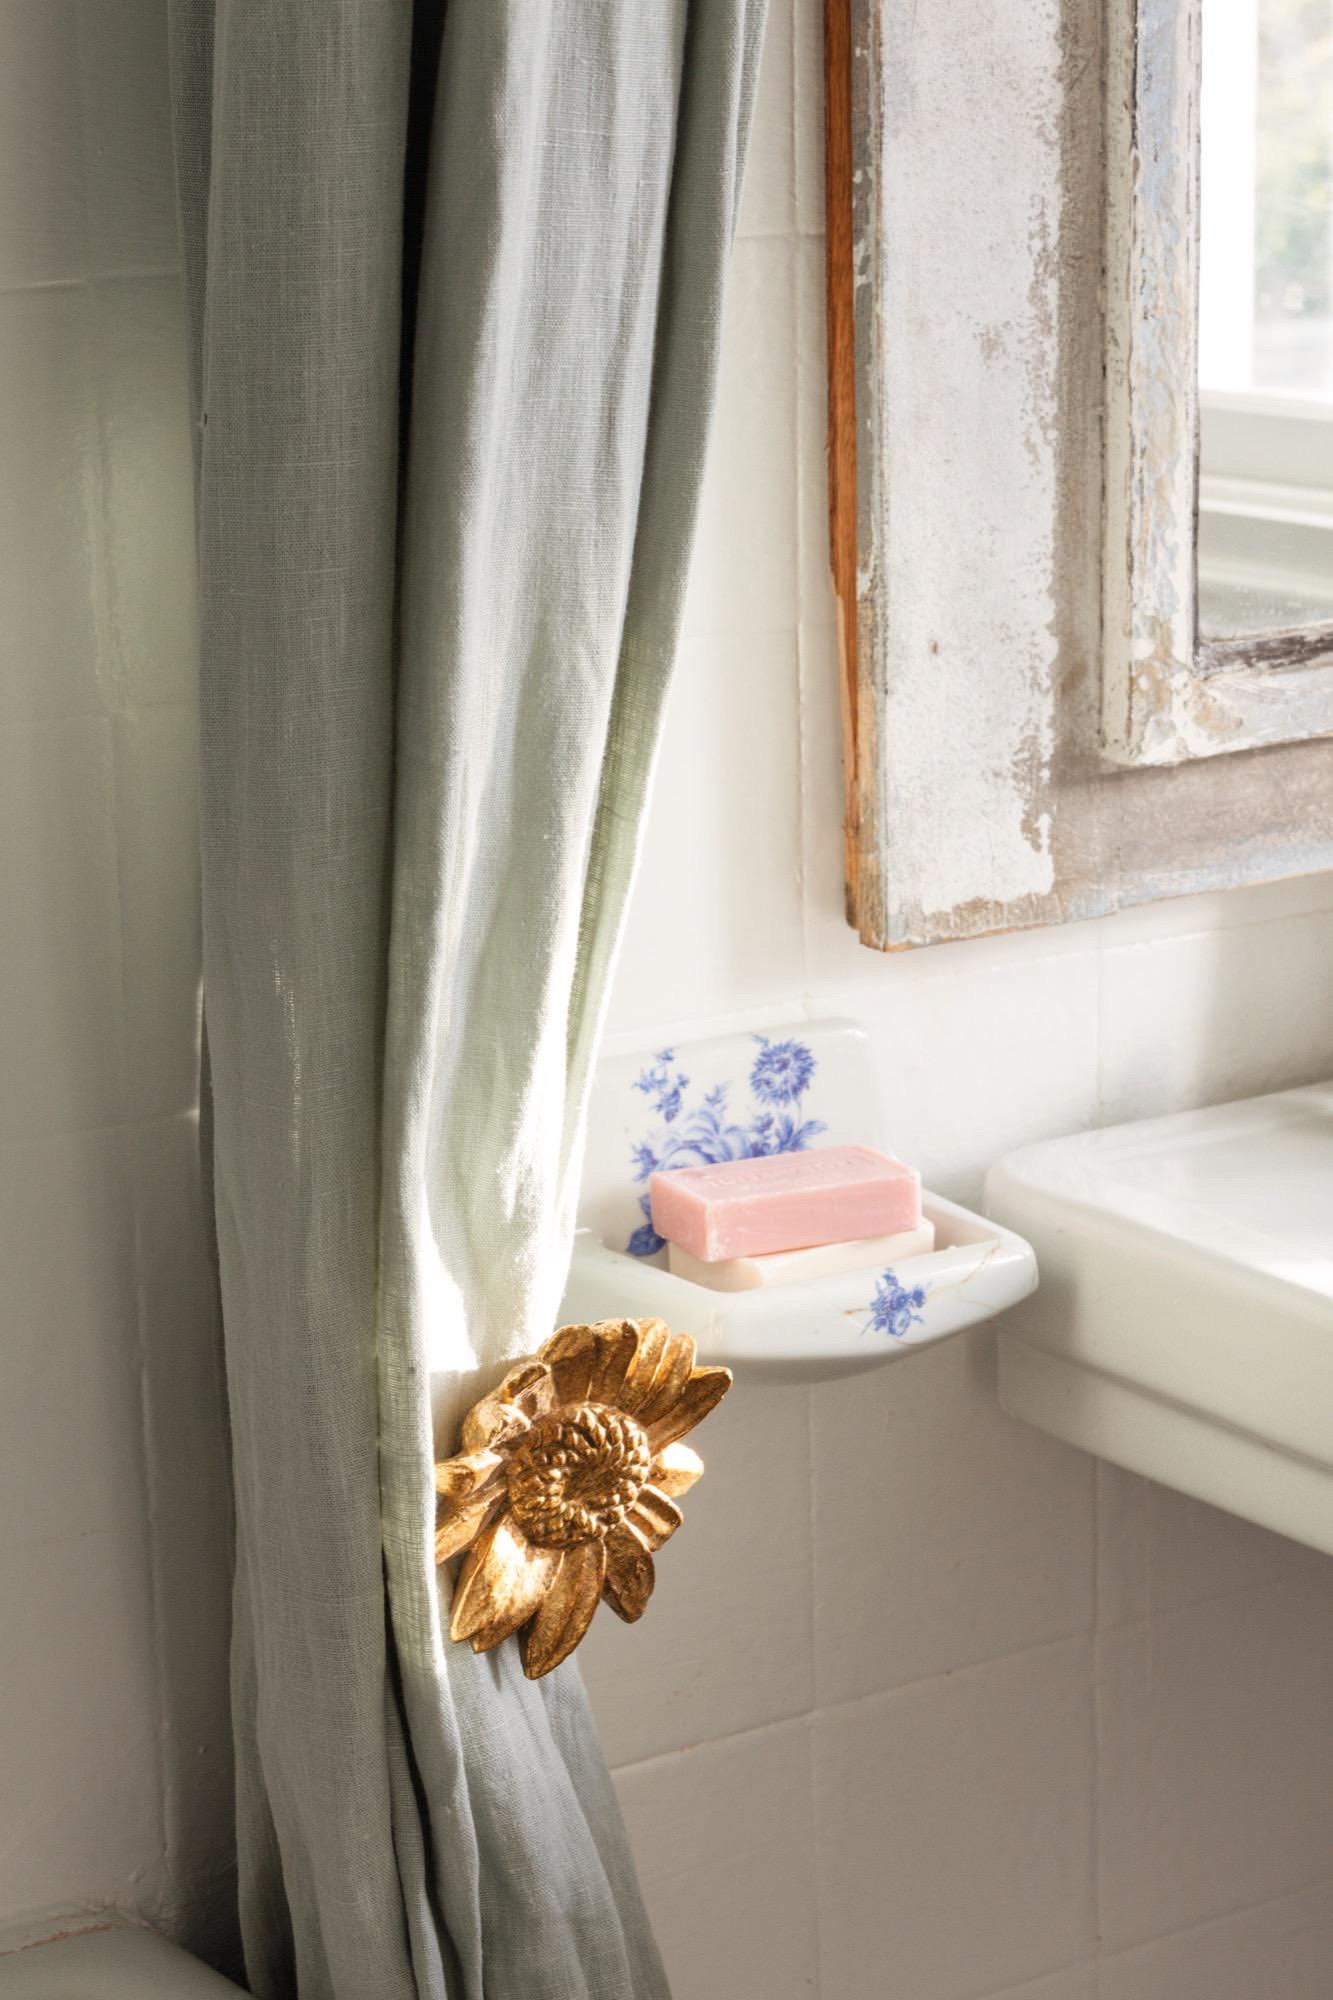 detalles en el baño de la casa de federica&co en novales con cortina de lino y jabonera